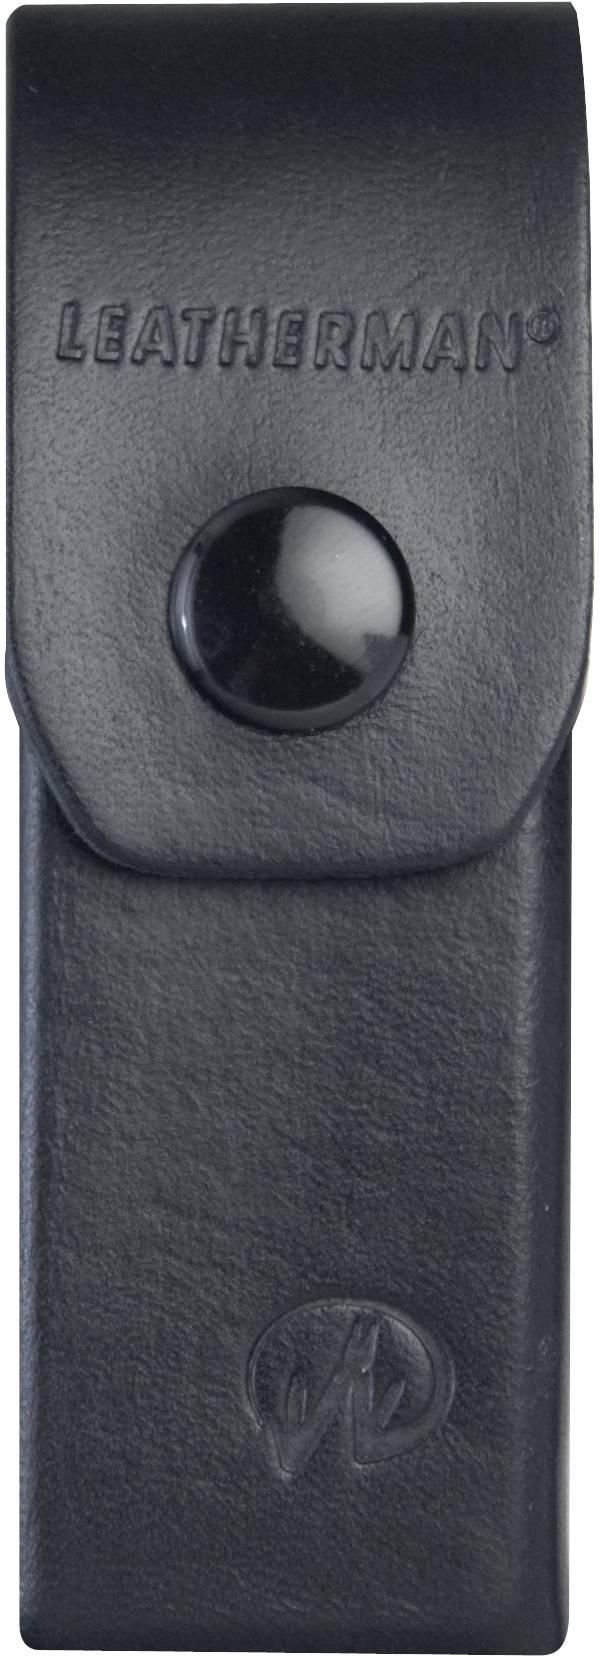 """Leatherman 4"""" Leather Sheath product image"""